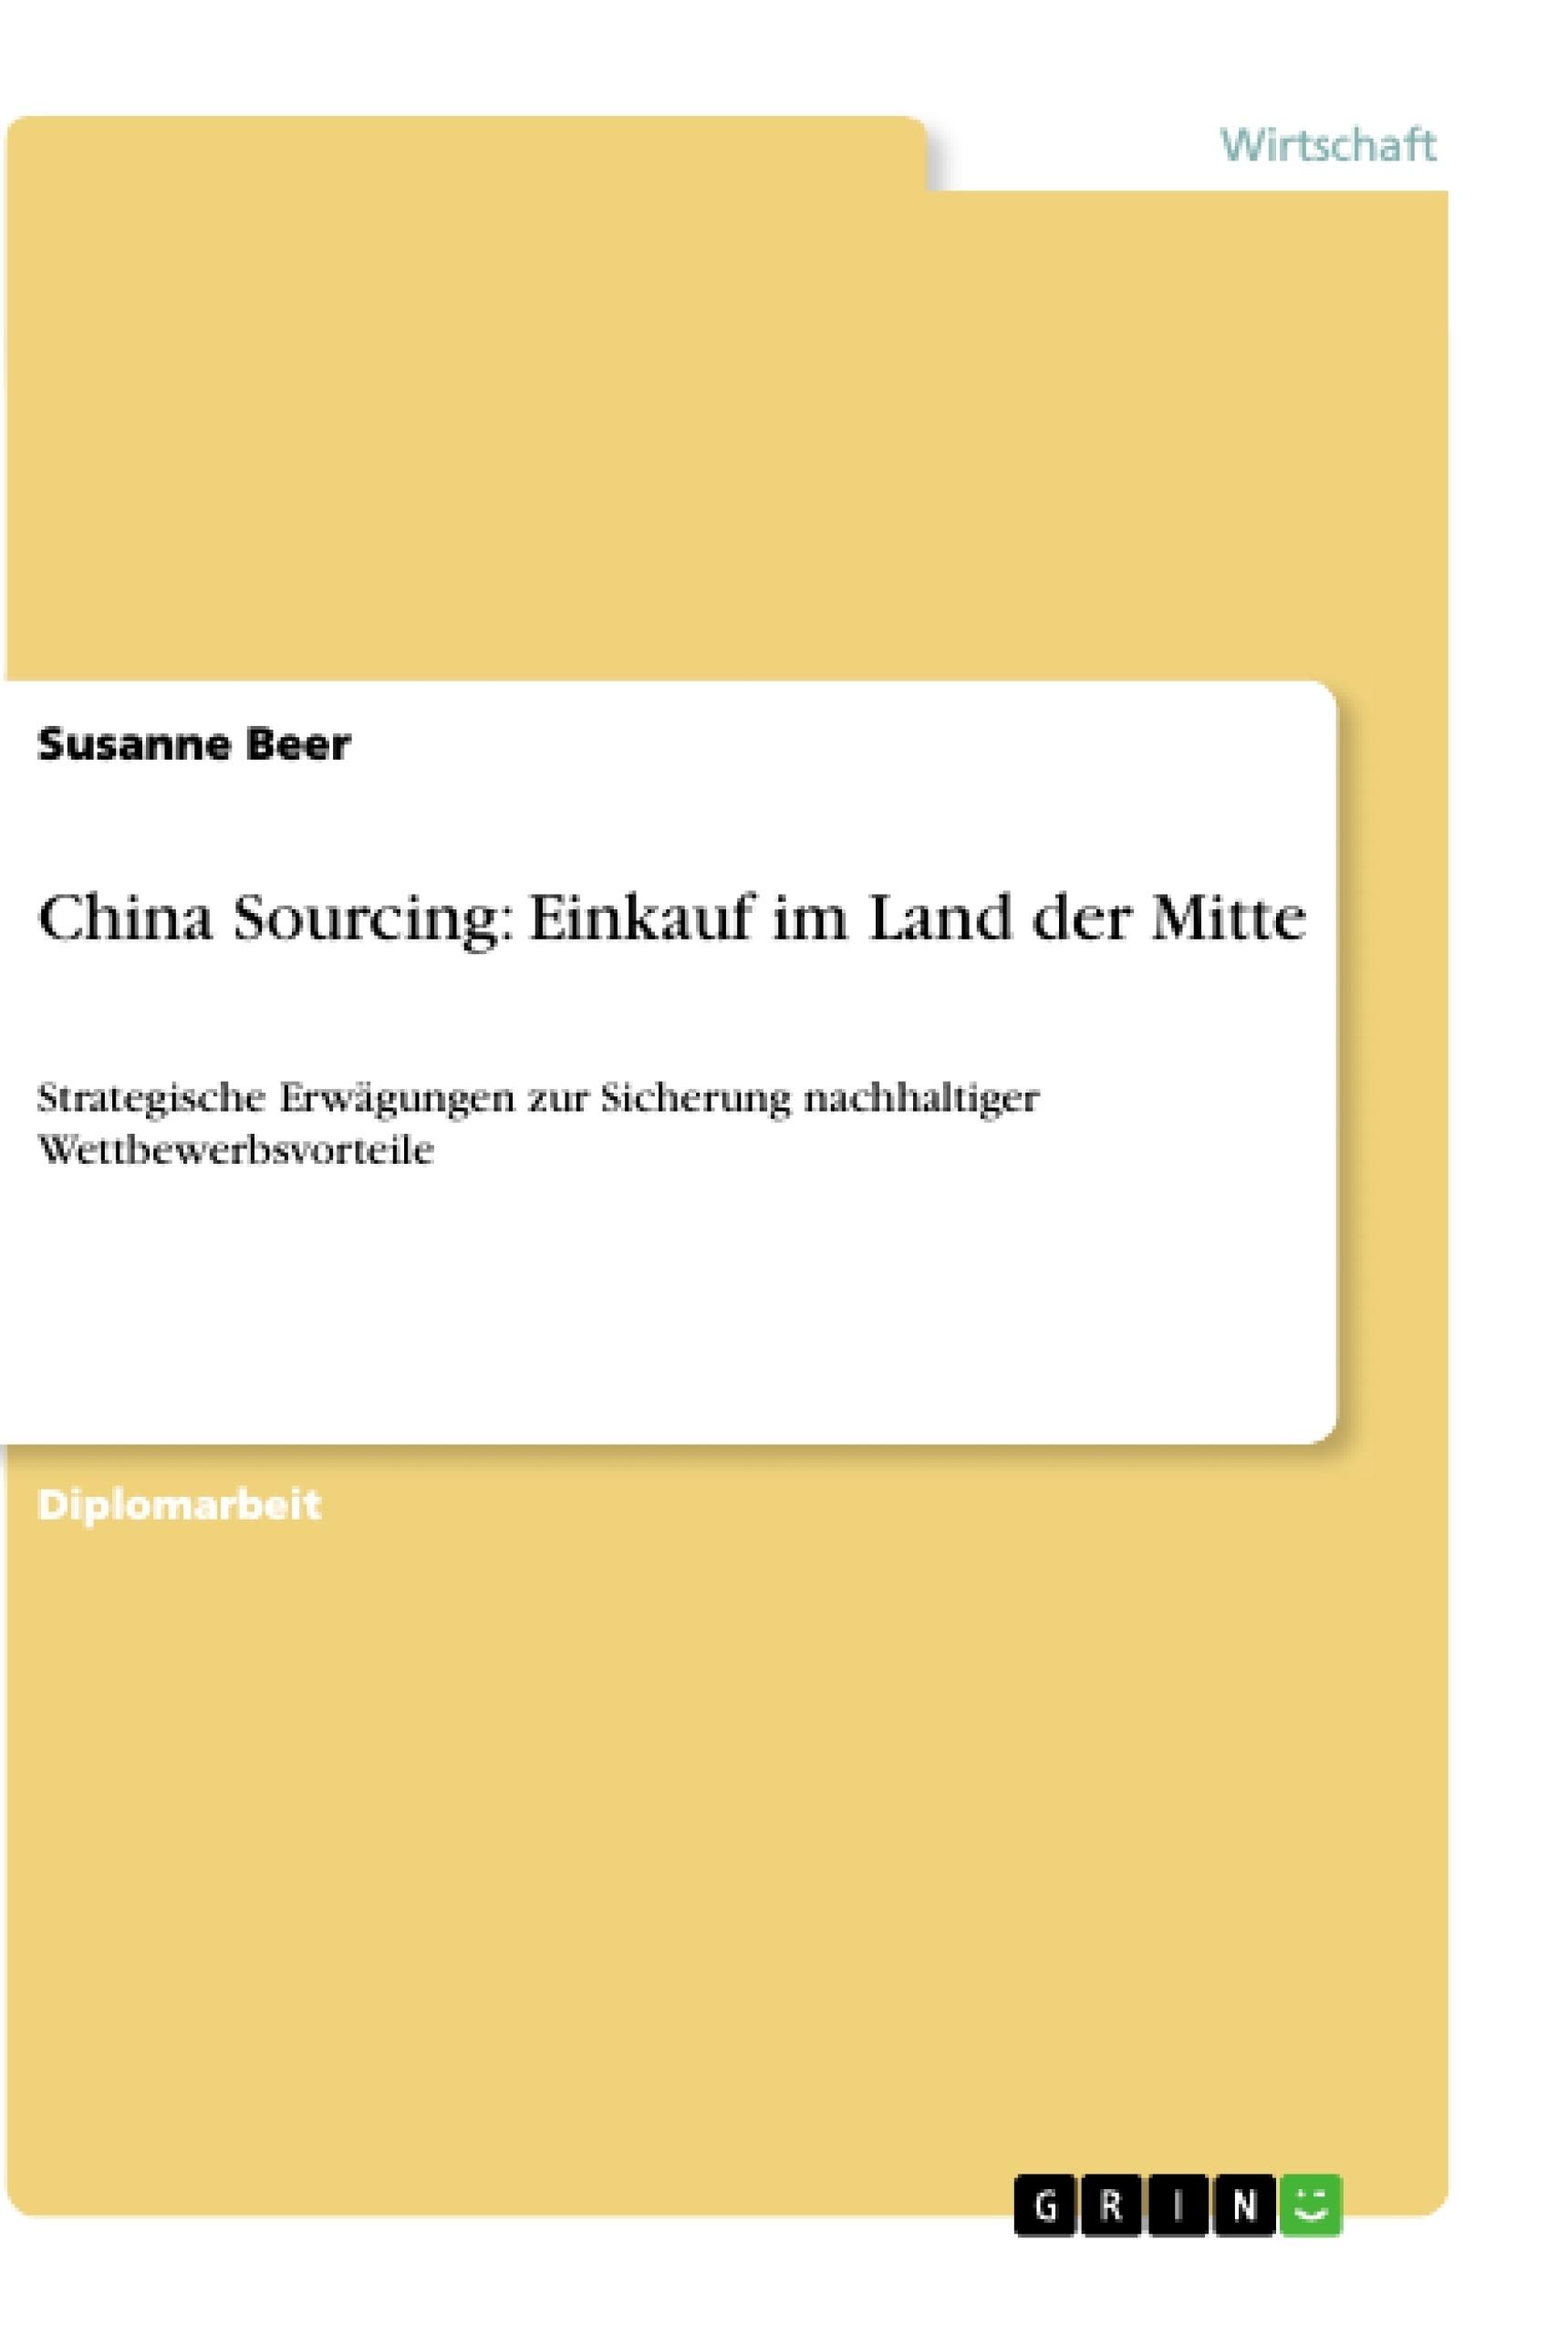 Titel: China Sourcing: Einkauf im Land der Mitte